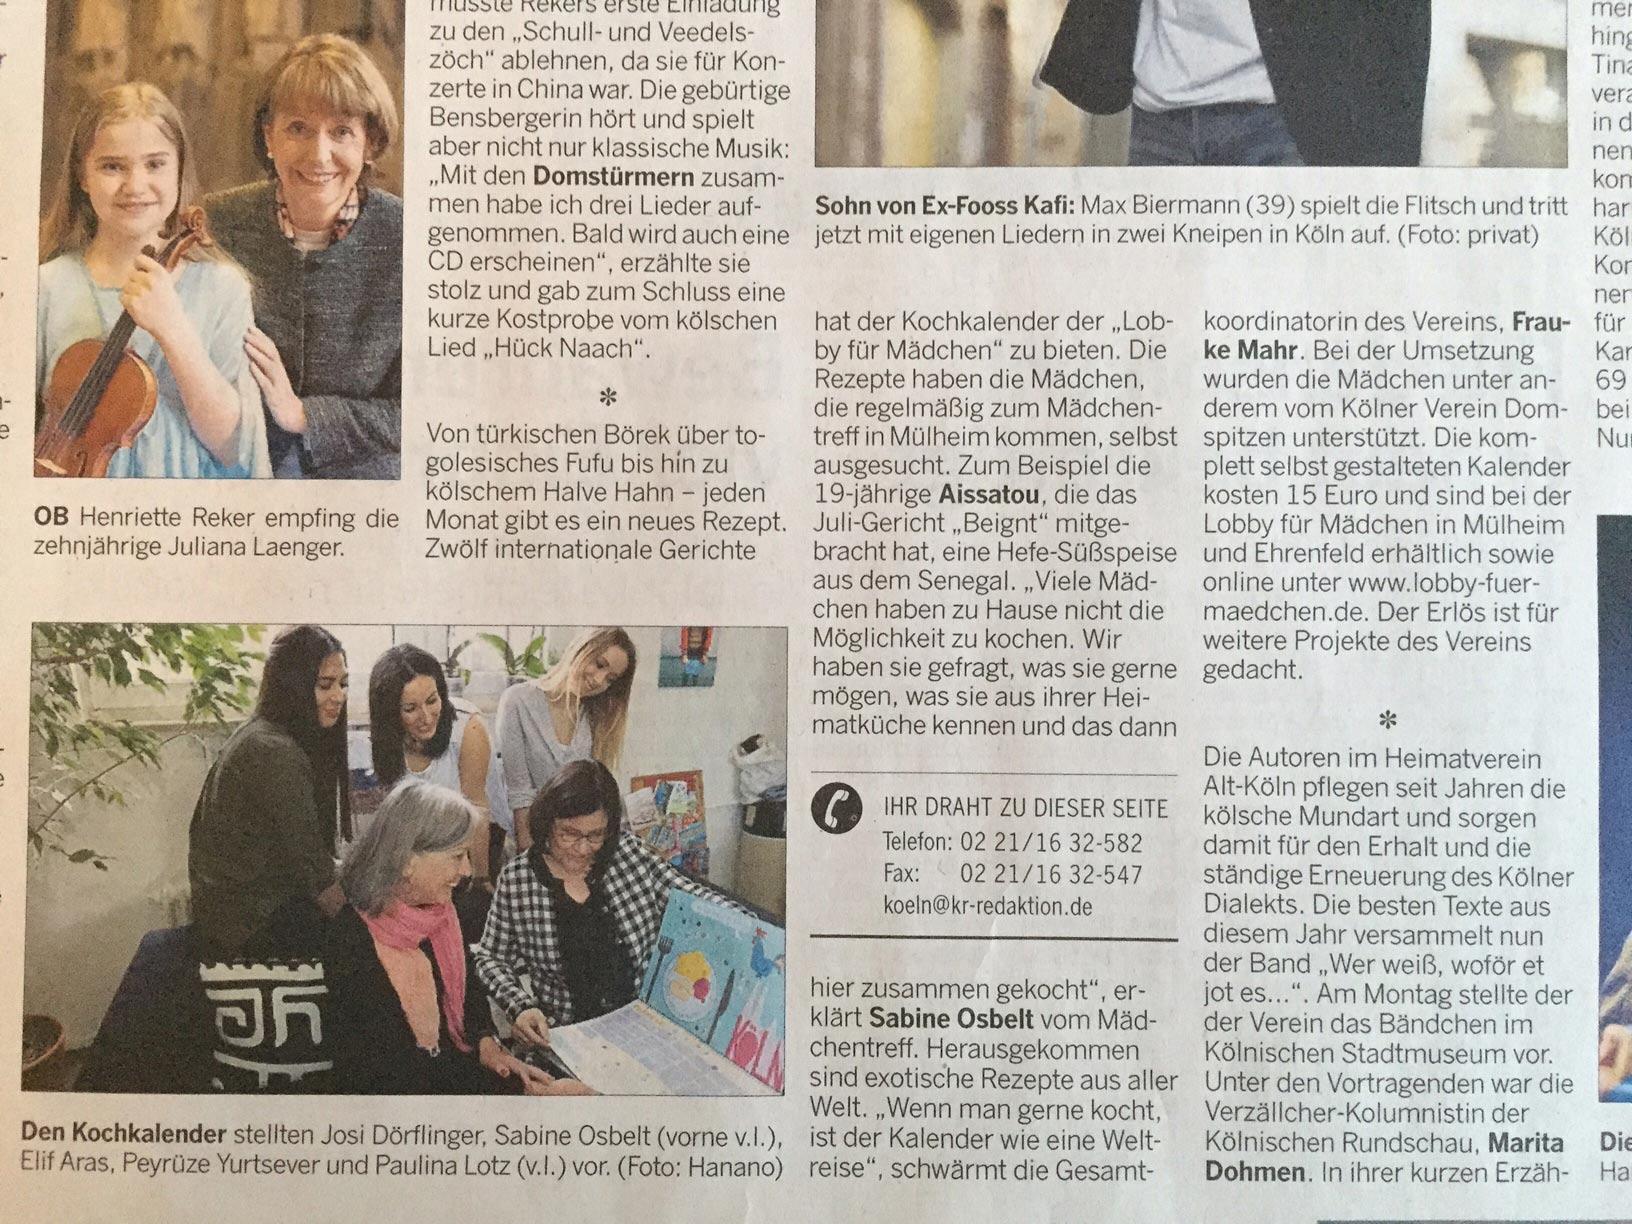 """Zeitungsartikel in der Kölnischen Rundschau über das Kochkalender-Projekt des Domspitzen eV für die """"Lobby für Mädchen"""""""